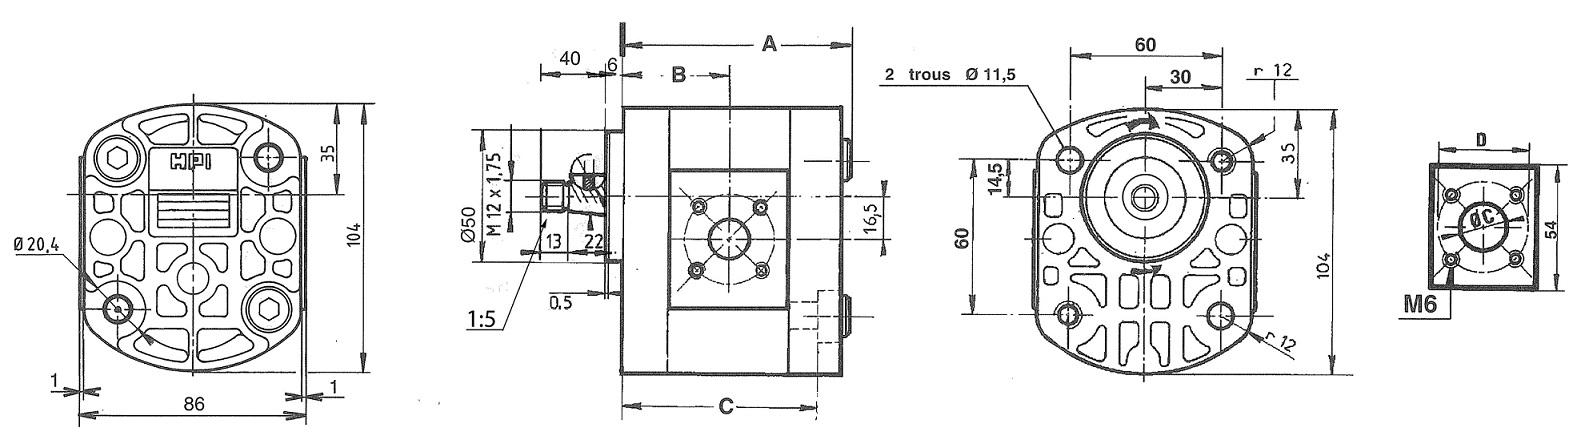 Plan technique